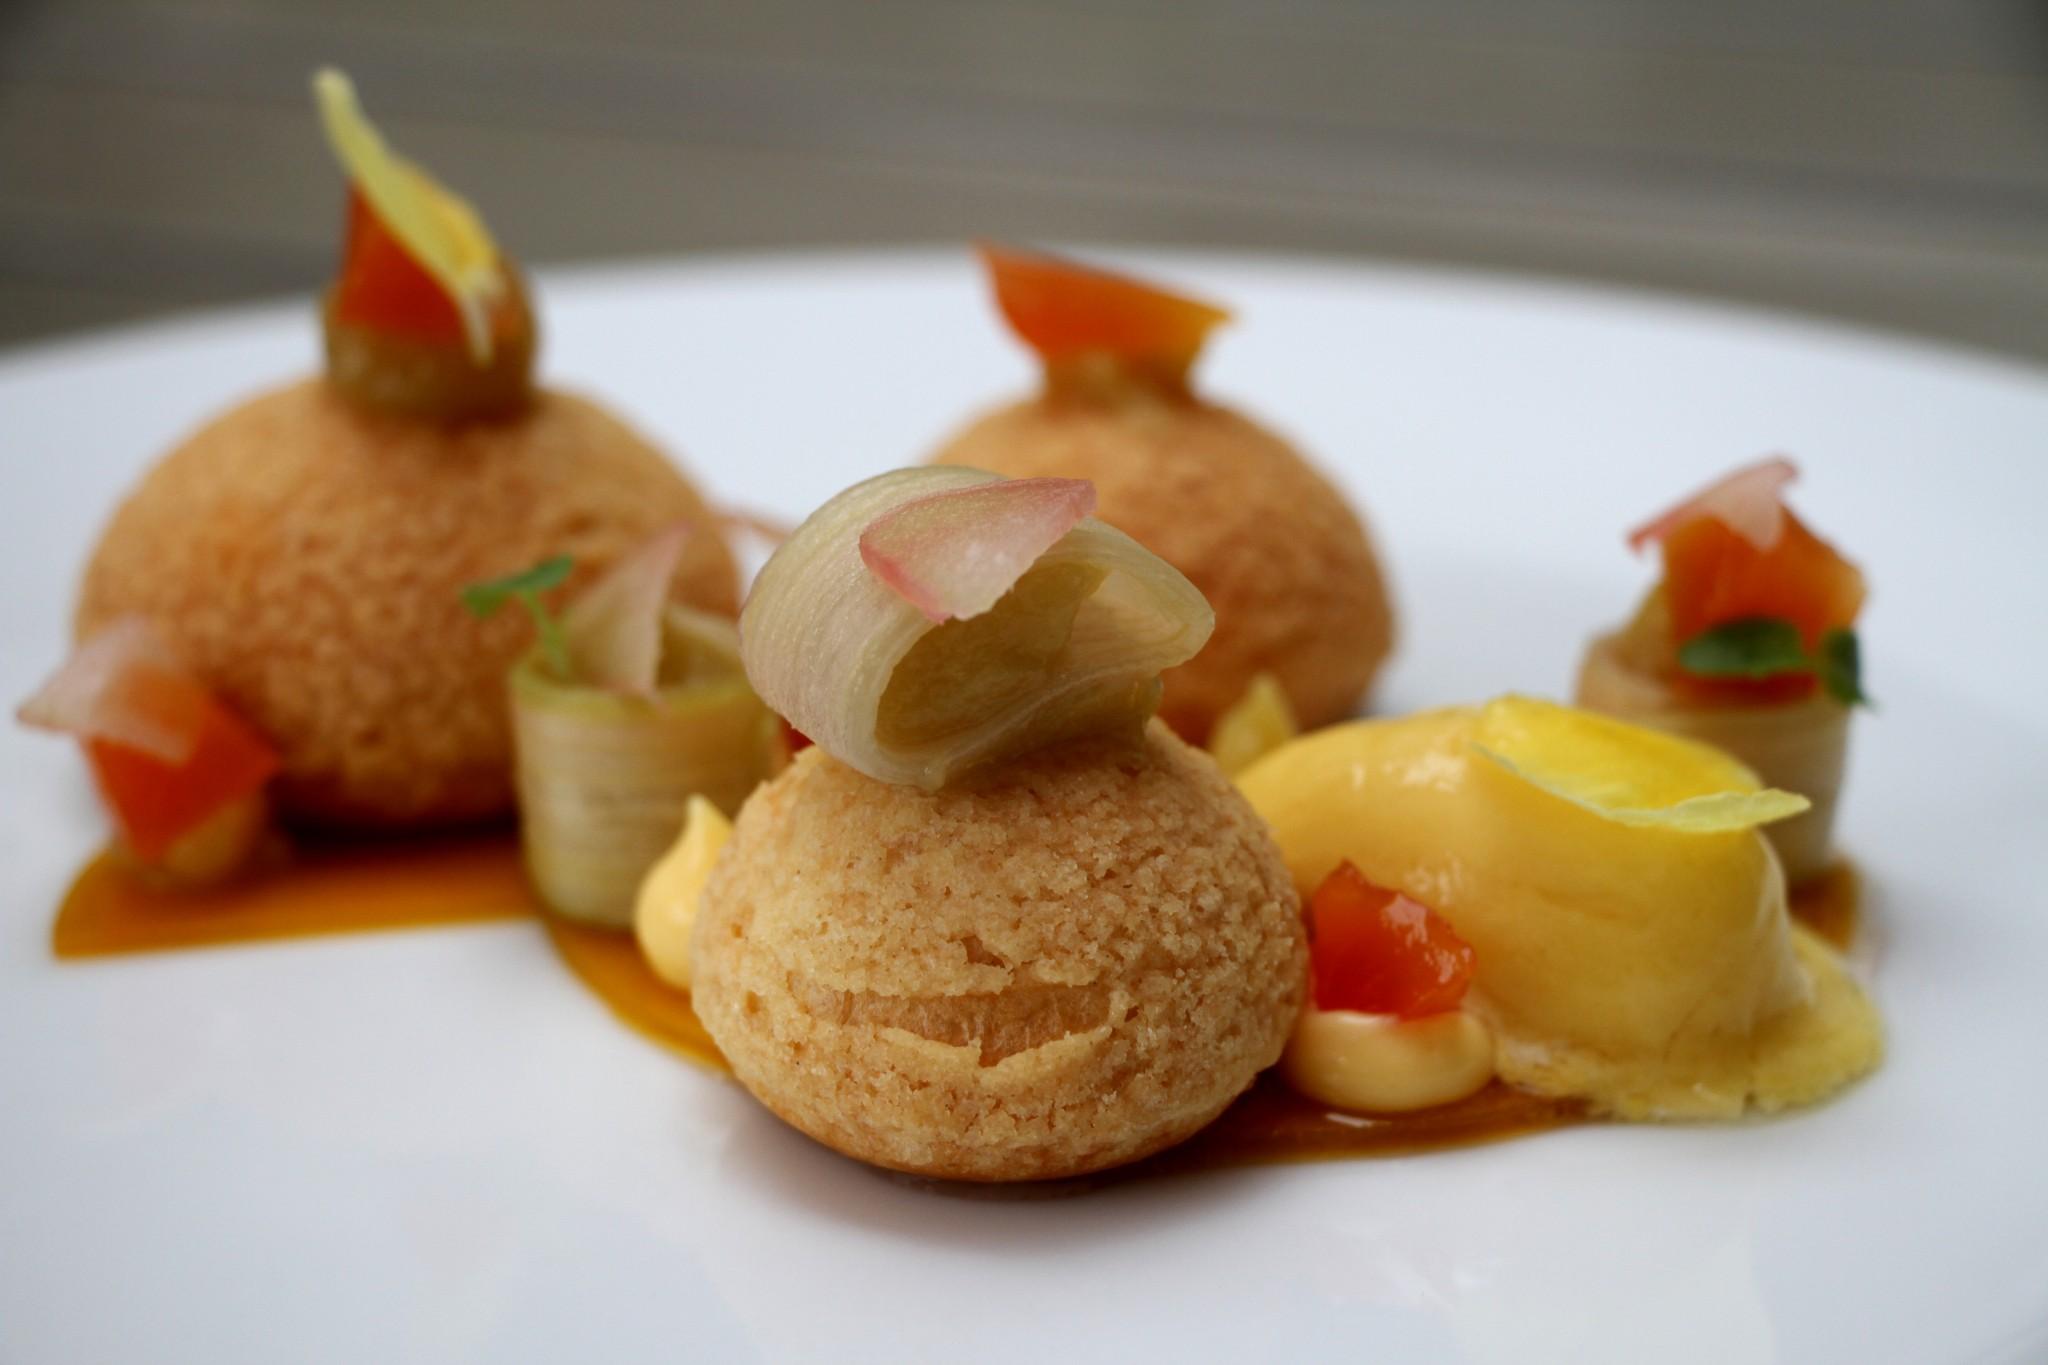 Recette, recettes, dessert, choux, gastronomie, chef